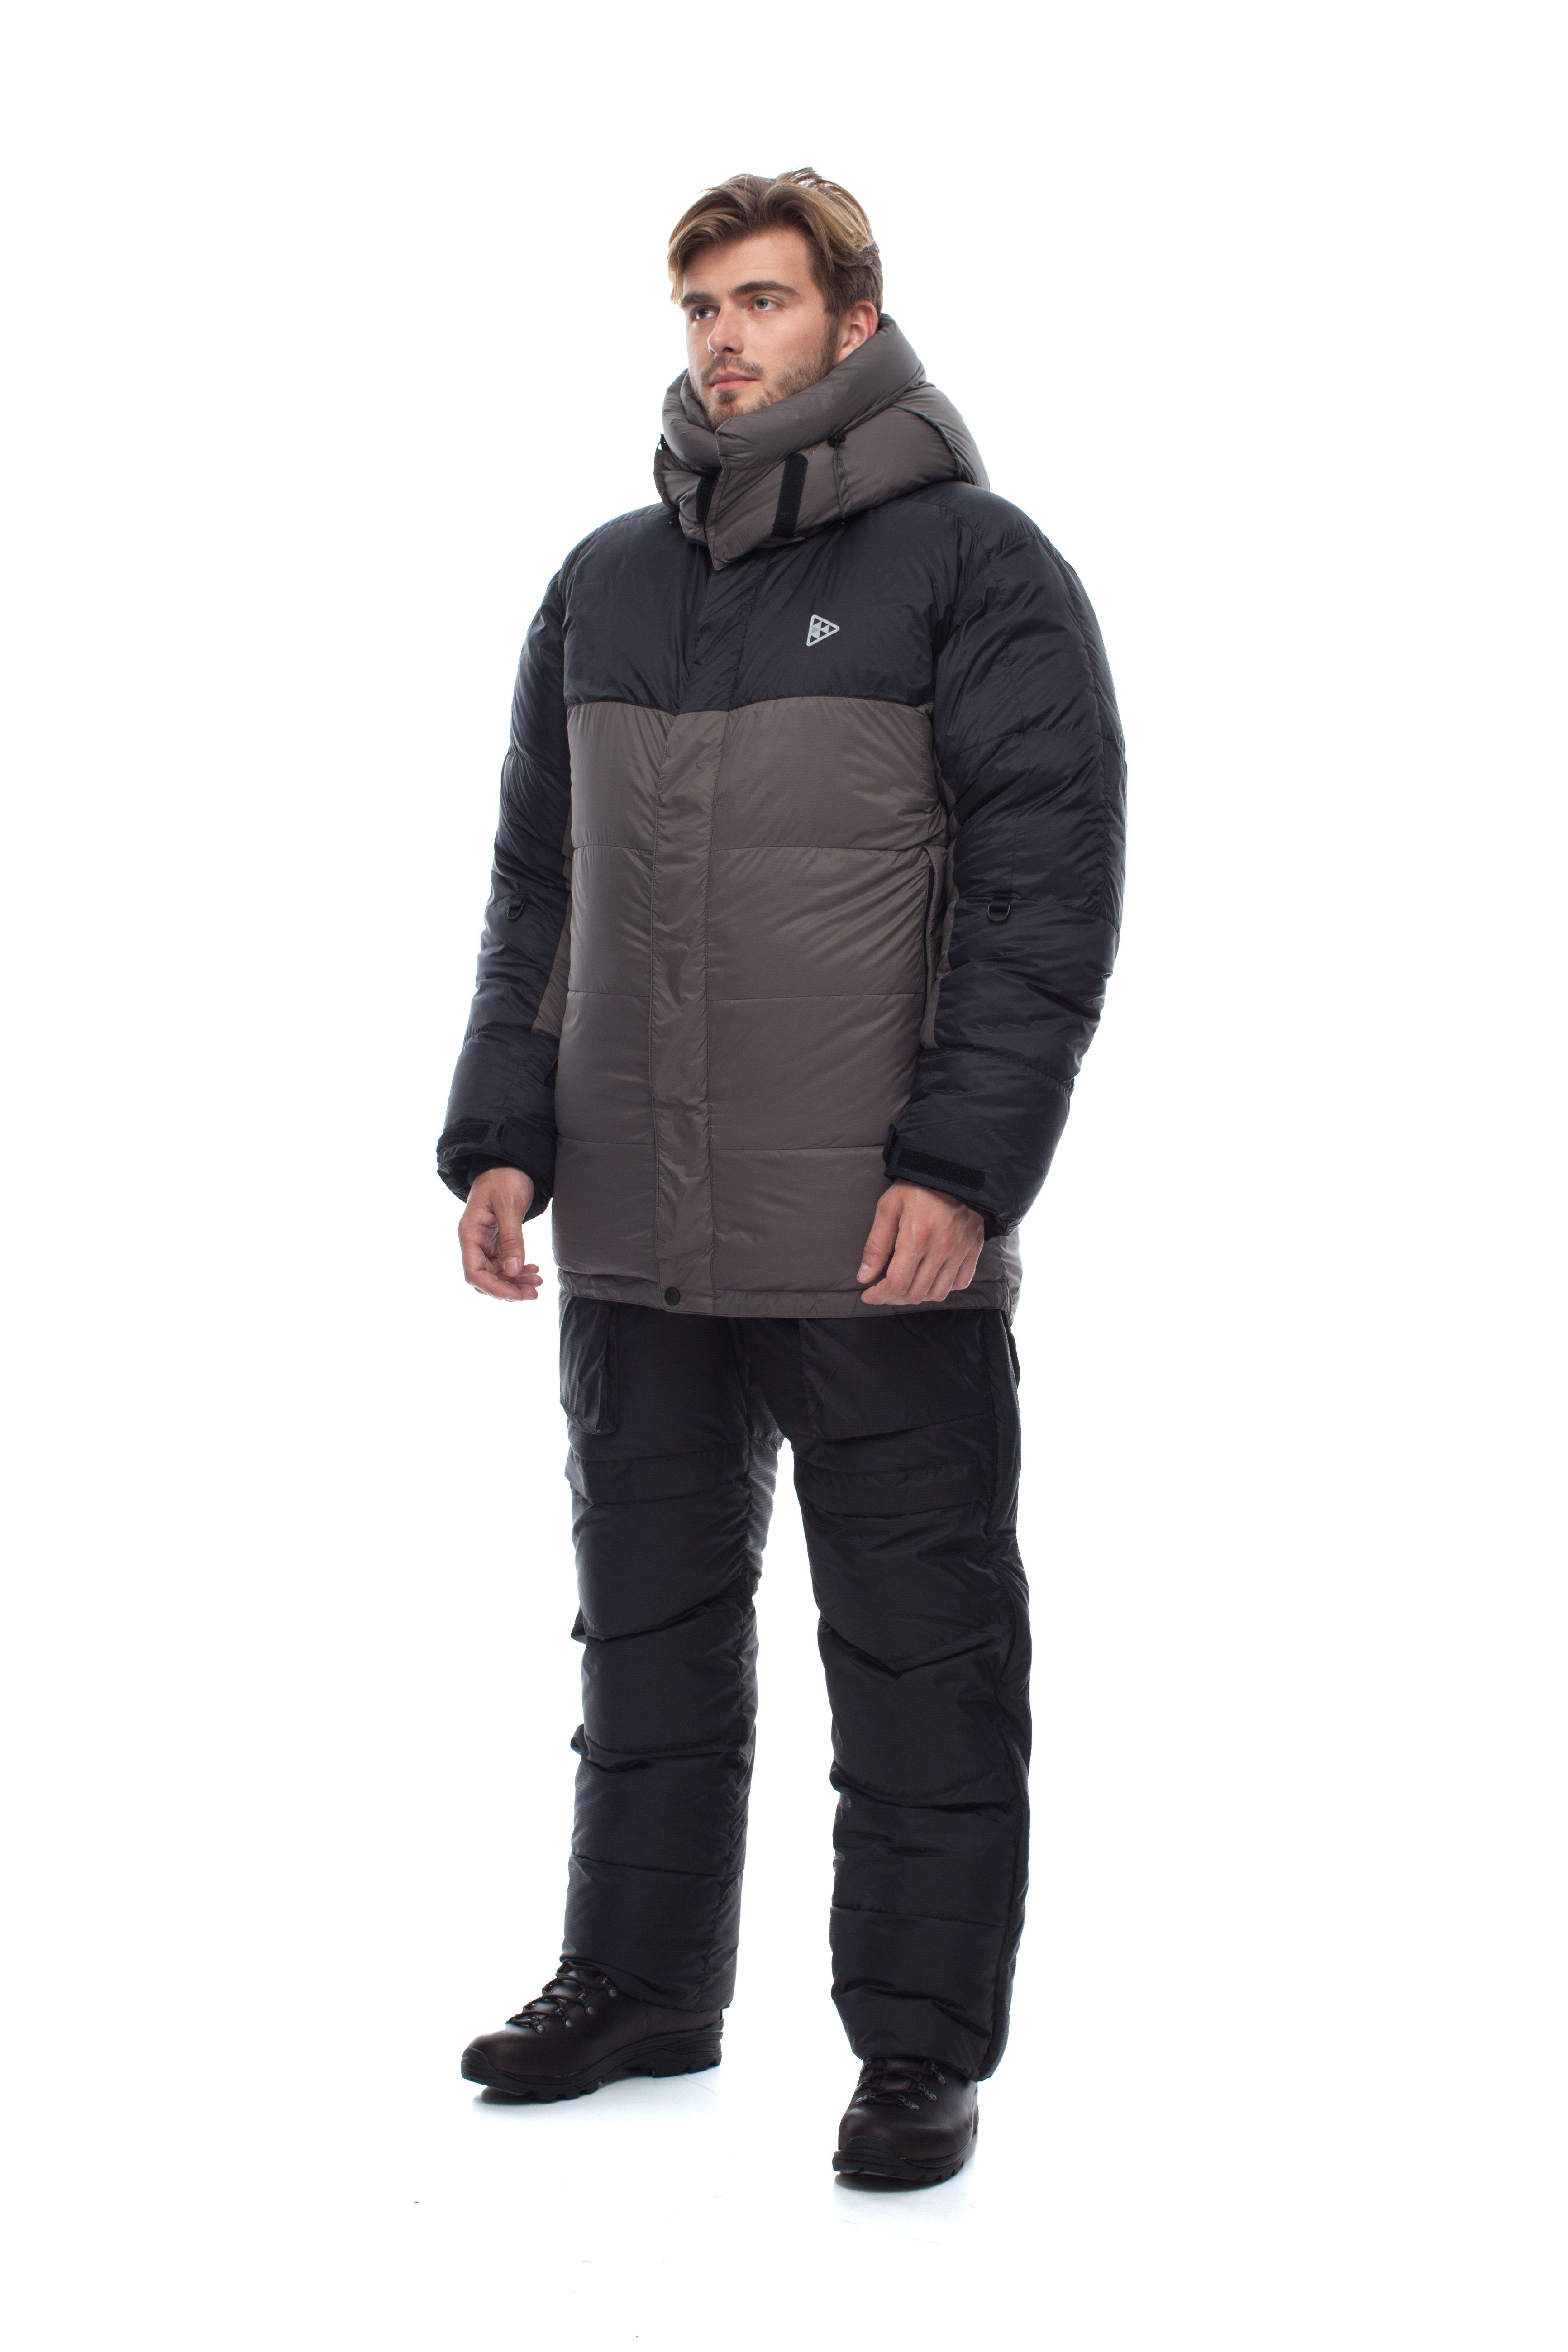 Пуховая куртка BASK KHAN TENGRI V6 PRO 3324CКуртки<br><br><br>Верхняя ткань: Advance® Perfomance<br>Вес граммы: 1200<br>Вес утеплителя: 540<br>Ветро-влагозащитные свойства верхней ткани: Нет<br>Ветрозащитная планка: Да<br>Ветрозащитная юбка: Да<br>Влагозащитные молнии: Нет<br>Внутренние манжеты: Да<br>Внутренняя ткань: Advance® Classic<br>Водонепроницаемость: 1000<br>Дублирующий центральную молнию клапан: Да<br>Защитный козырёк капюшона: Нет<br>Капюшон: Съемный<br>Карман для средств связи: Да<br>Количество внешних карманов: 3<br>Количество внутренних карманов: 2<br>Мембрана: Advance MPC<br>Объемный крой локтевой зоны: Да<br>Отстёгивающиеся рукава: Нет<br>Паропроницаемость: 7000<br>Показатель Fill Power (для пуховых изделий): 810<br>Пол: Мужской<br>Проклейка швов: Нет<br>Регулировка манжетов рукавов: Да<br>Регулировка низа: Да<br>Регулировка объёма капюшона: Да<br>Регулировка талии: Да<br>Регулируемые вентиляционные отверстия: Нет<br>Световозвращающая лента: Нет<br>Температурный режим: -35<br>Технология Thermal Welding: Нет<br>Технология швов: Теплые и закрытые<br>Тип утеплителя: Натуральный<br>Ткань усиления: Advance® Perfomance<br>Усиление контактных зон: Да<br>Утеплитель: Гусиный пух<br>Размер RU: 56<br>Цвет: КРАСНЫЙ